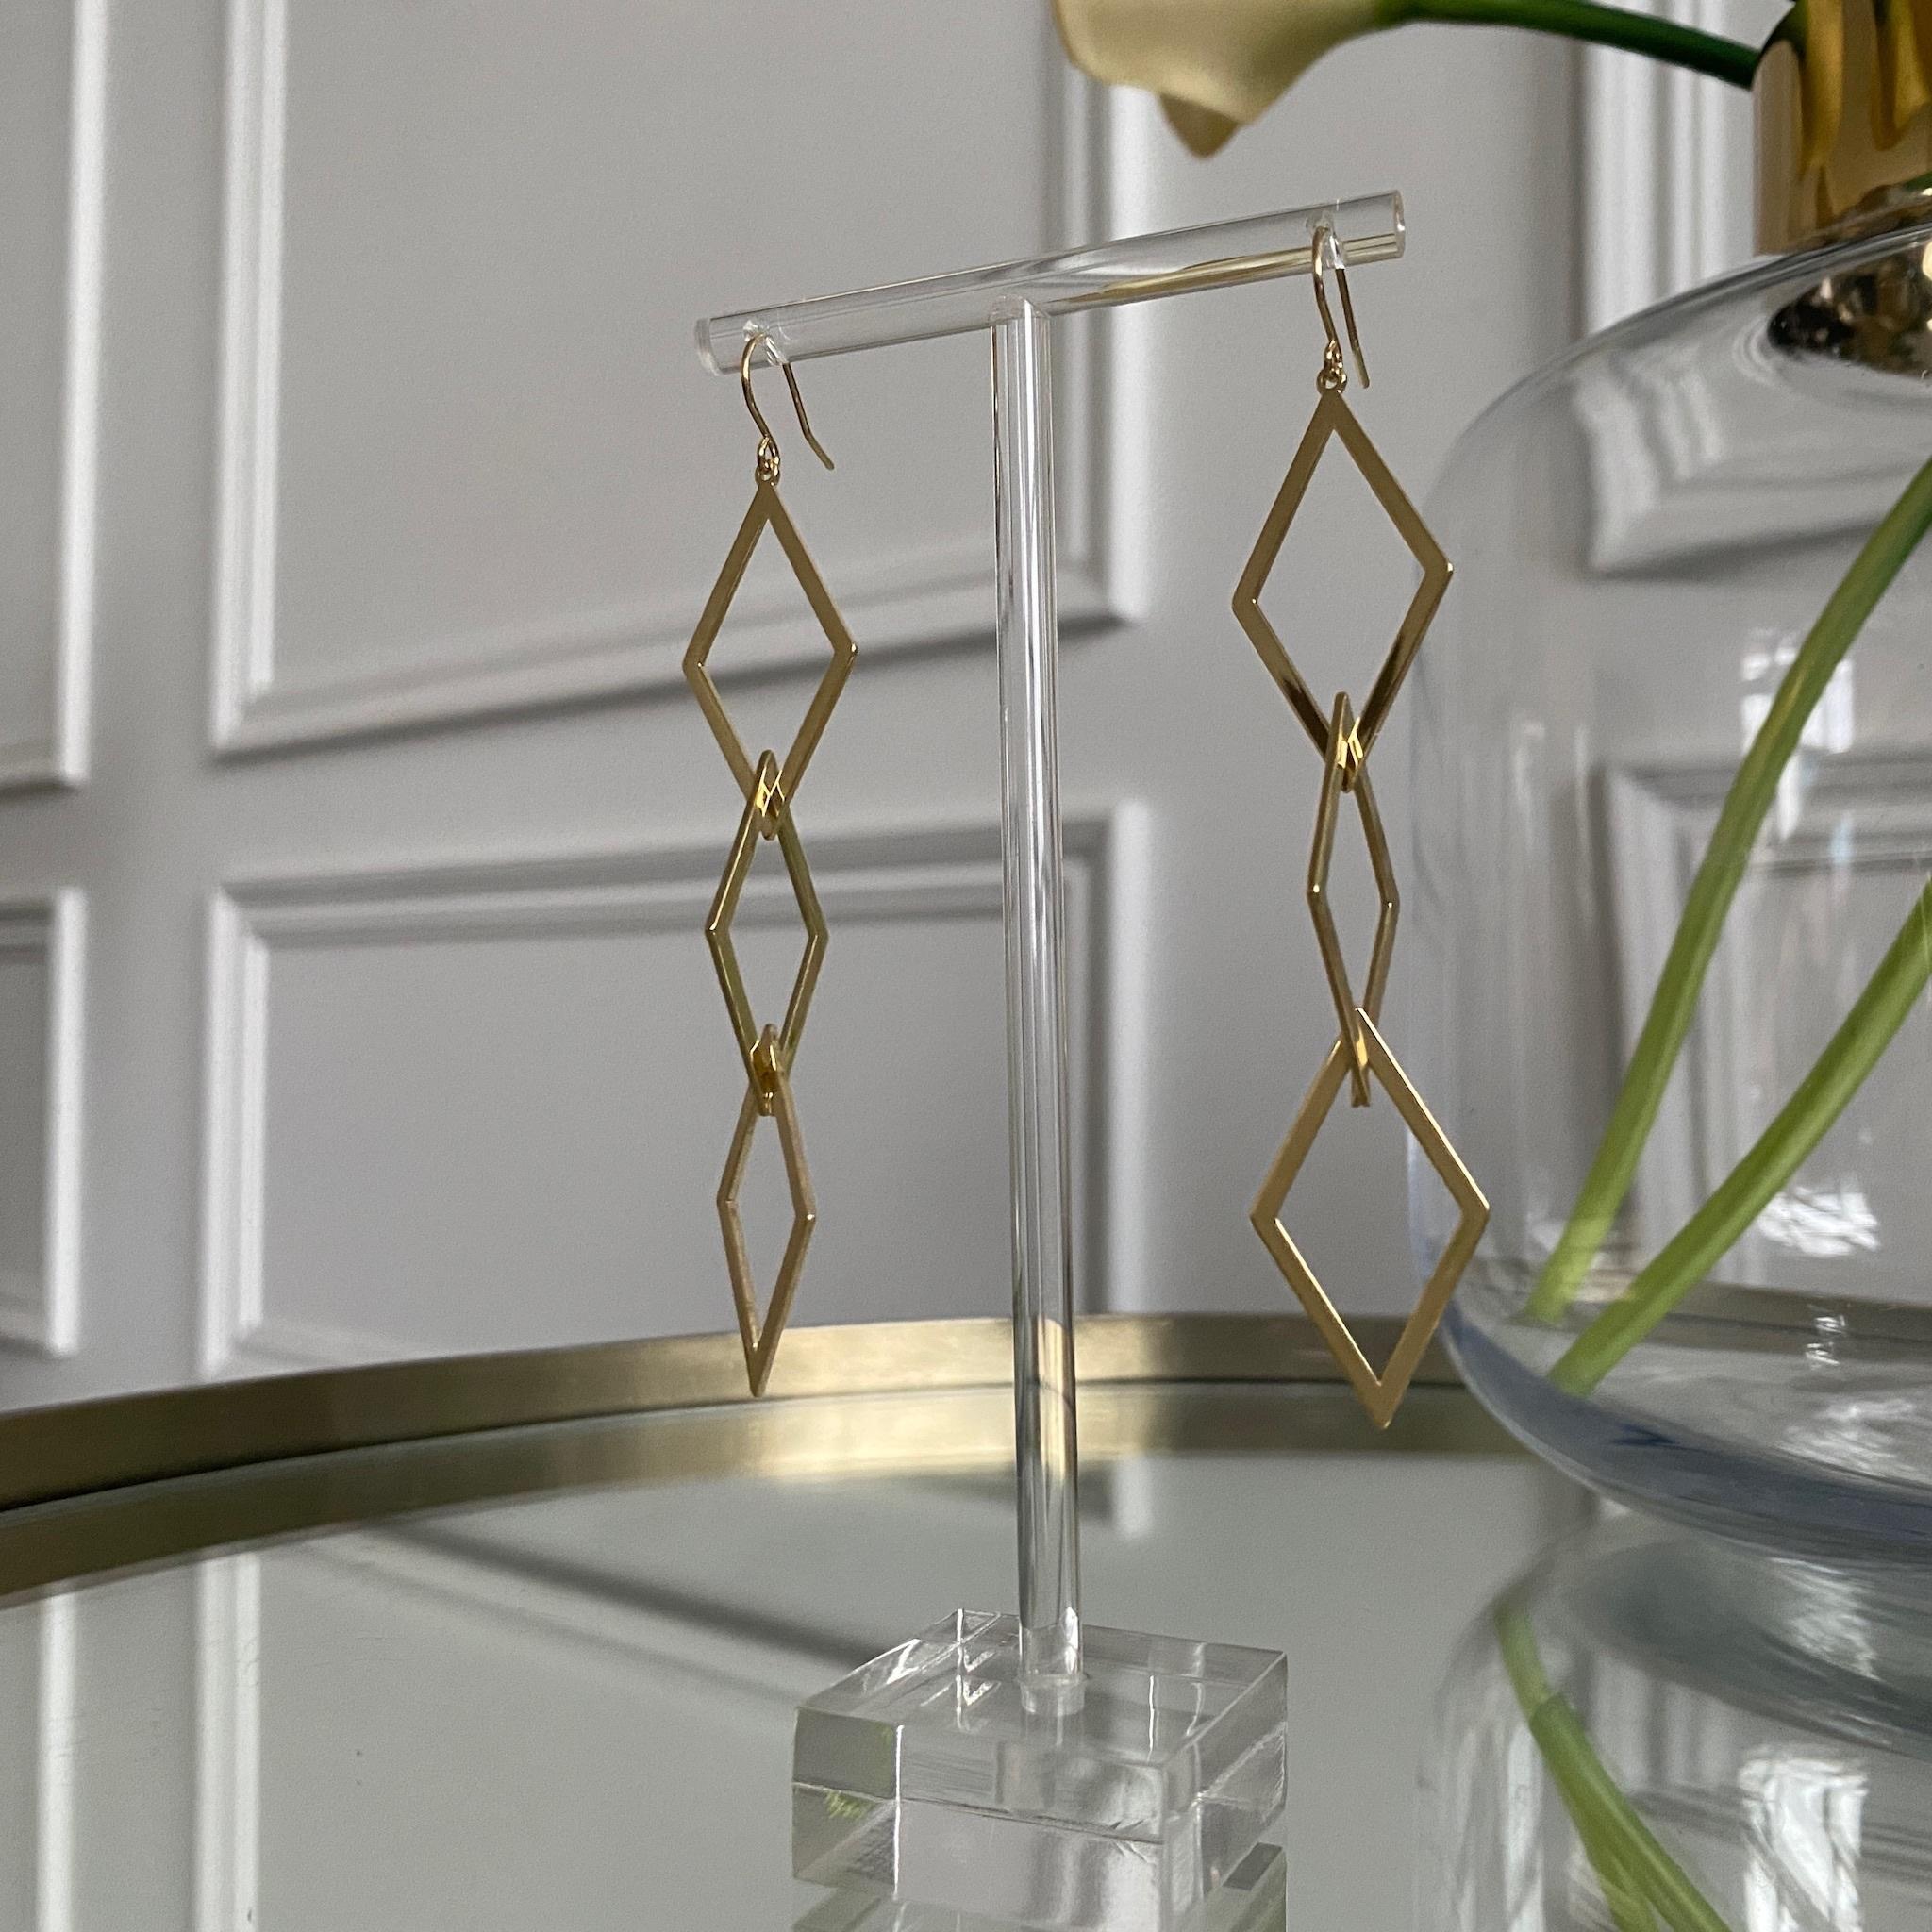 Серьги c контурными геометричными вставками (золотистый)